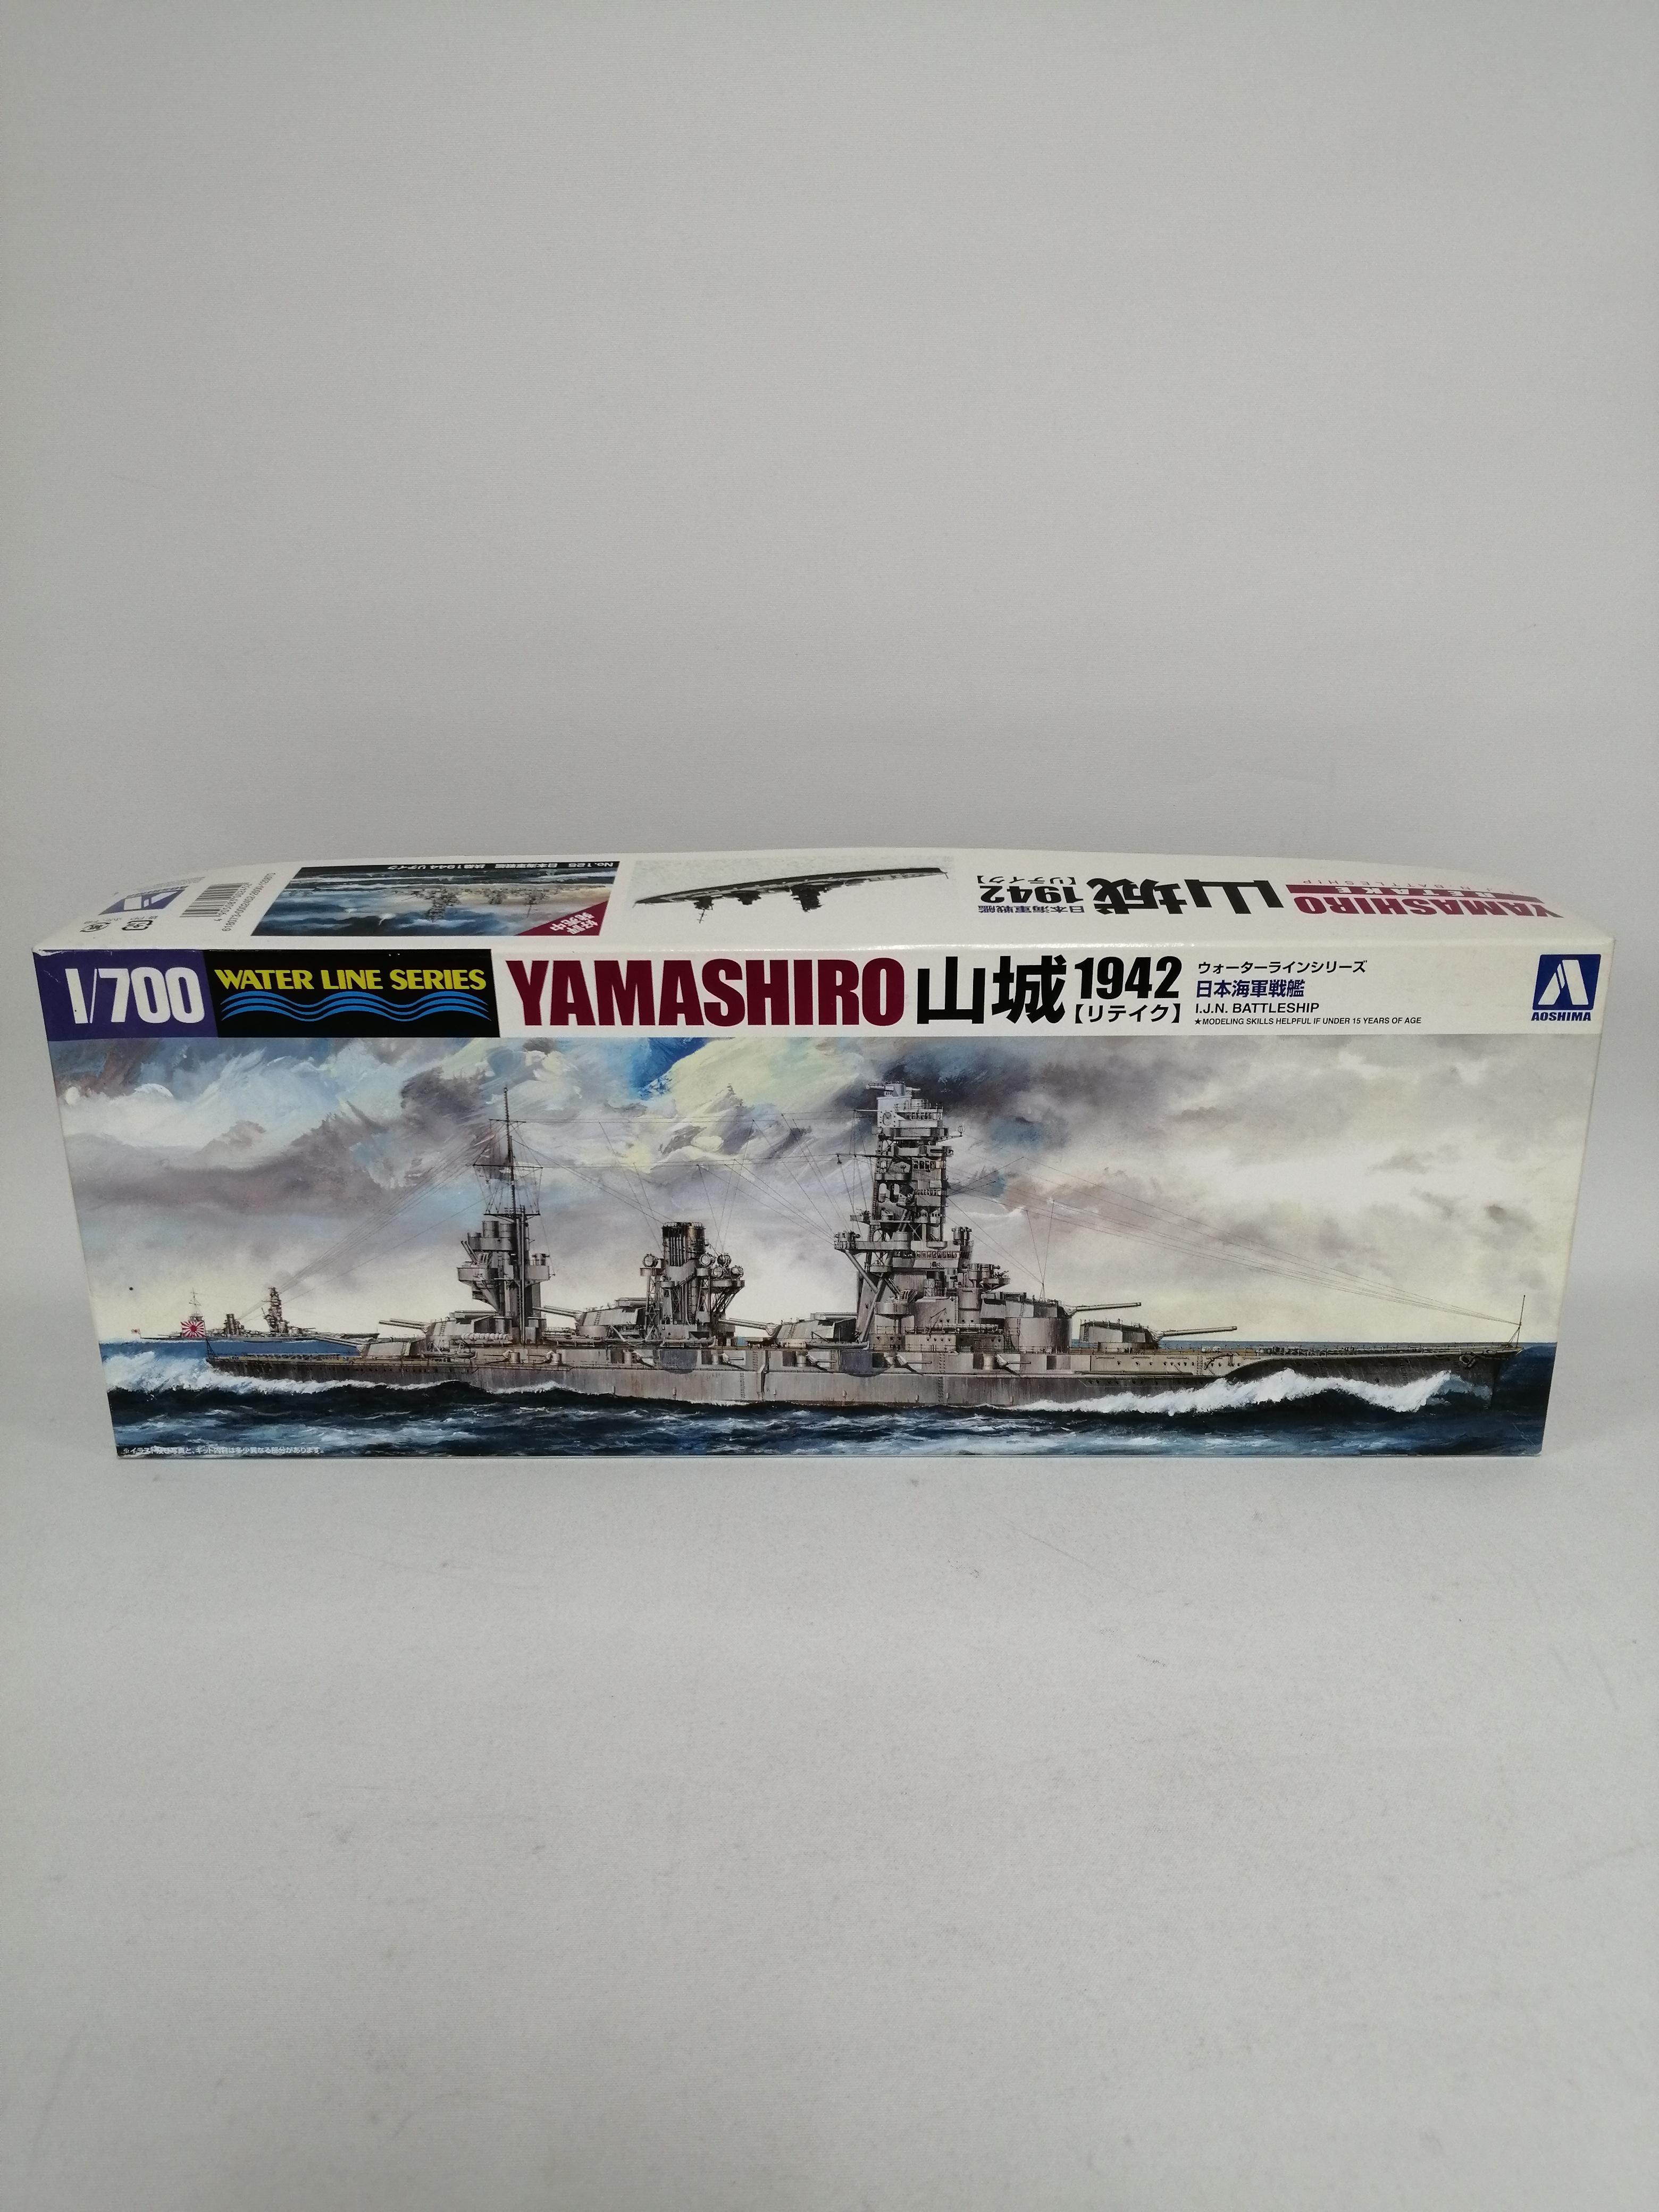 1/700 日本海軍戦艦 山城 1942 リテイク|青島文化教材社